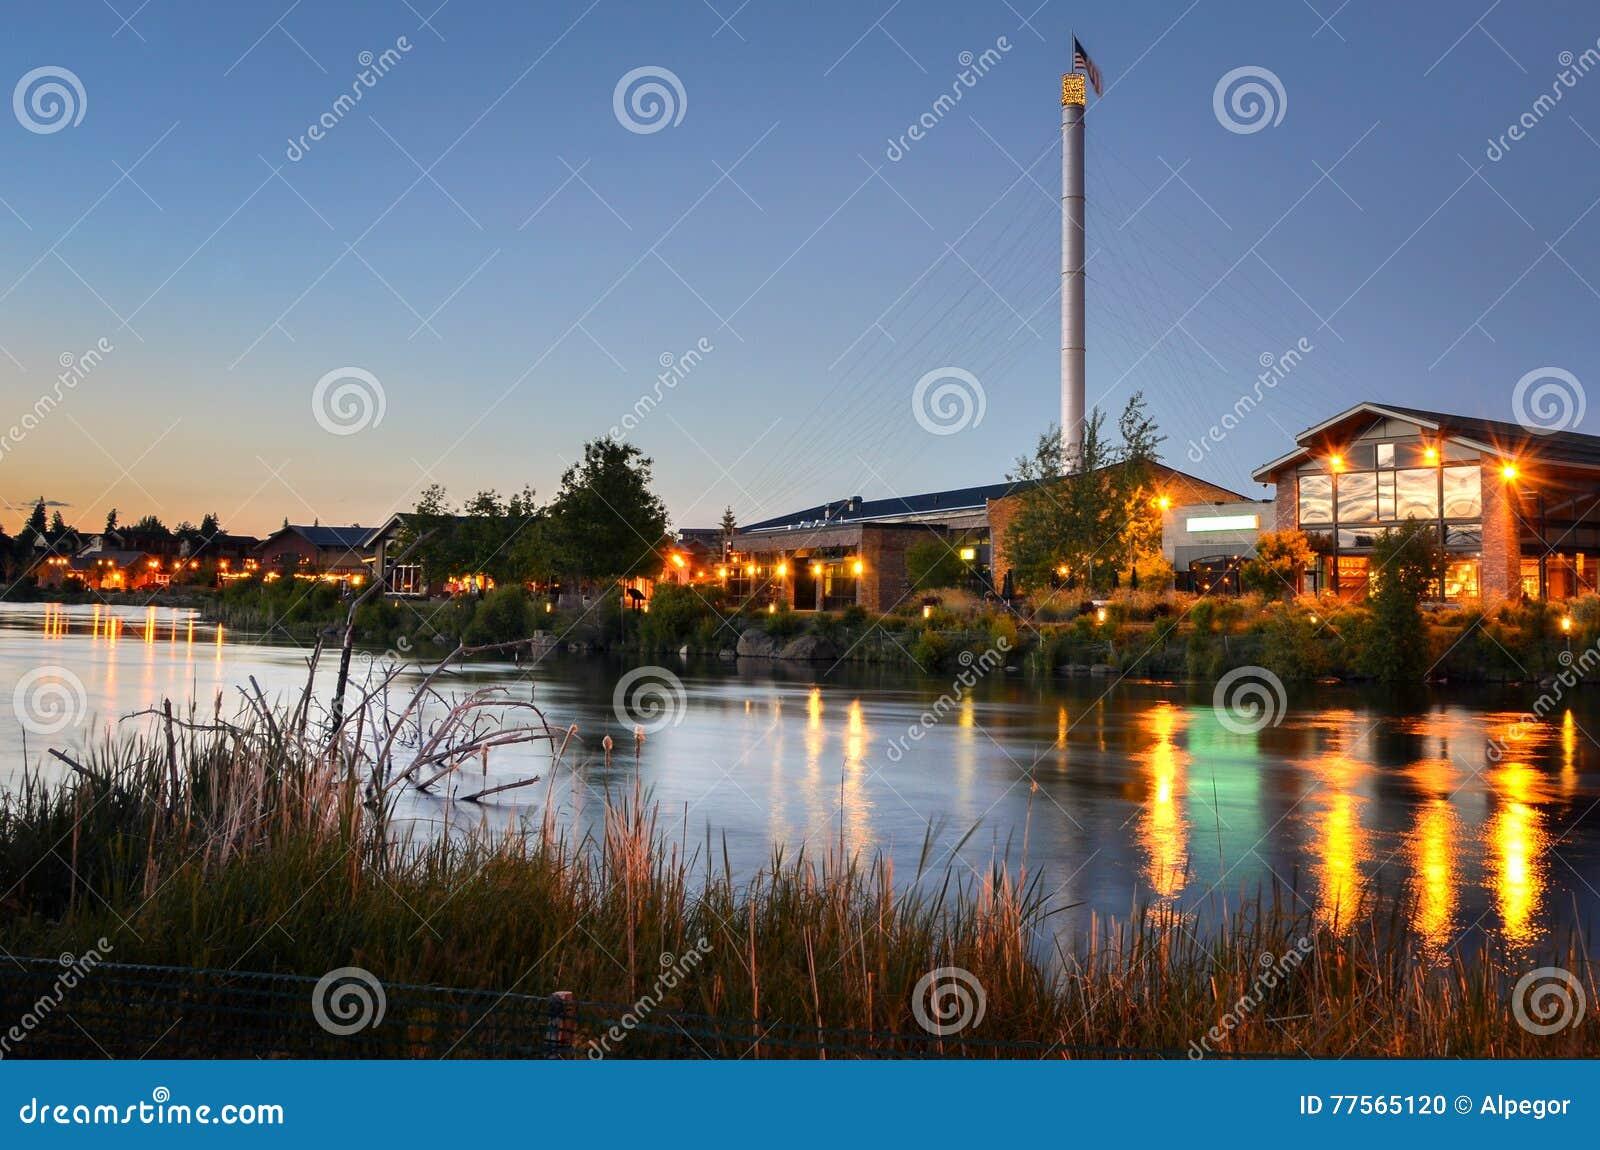 Ανακαινισμένα κτήρια παράλληλα με έναν ποταμό στο λυκόφως